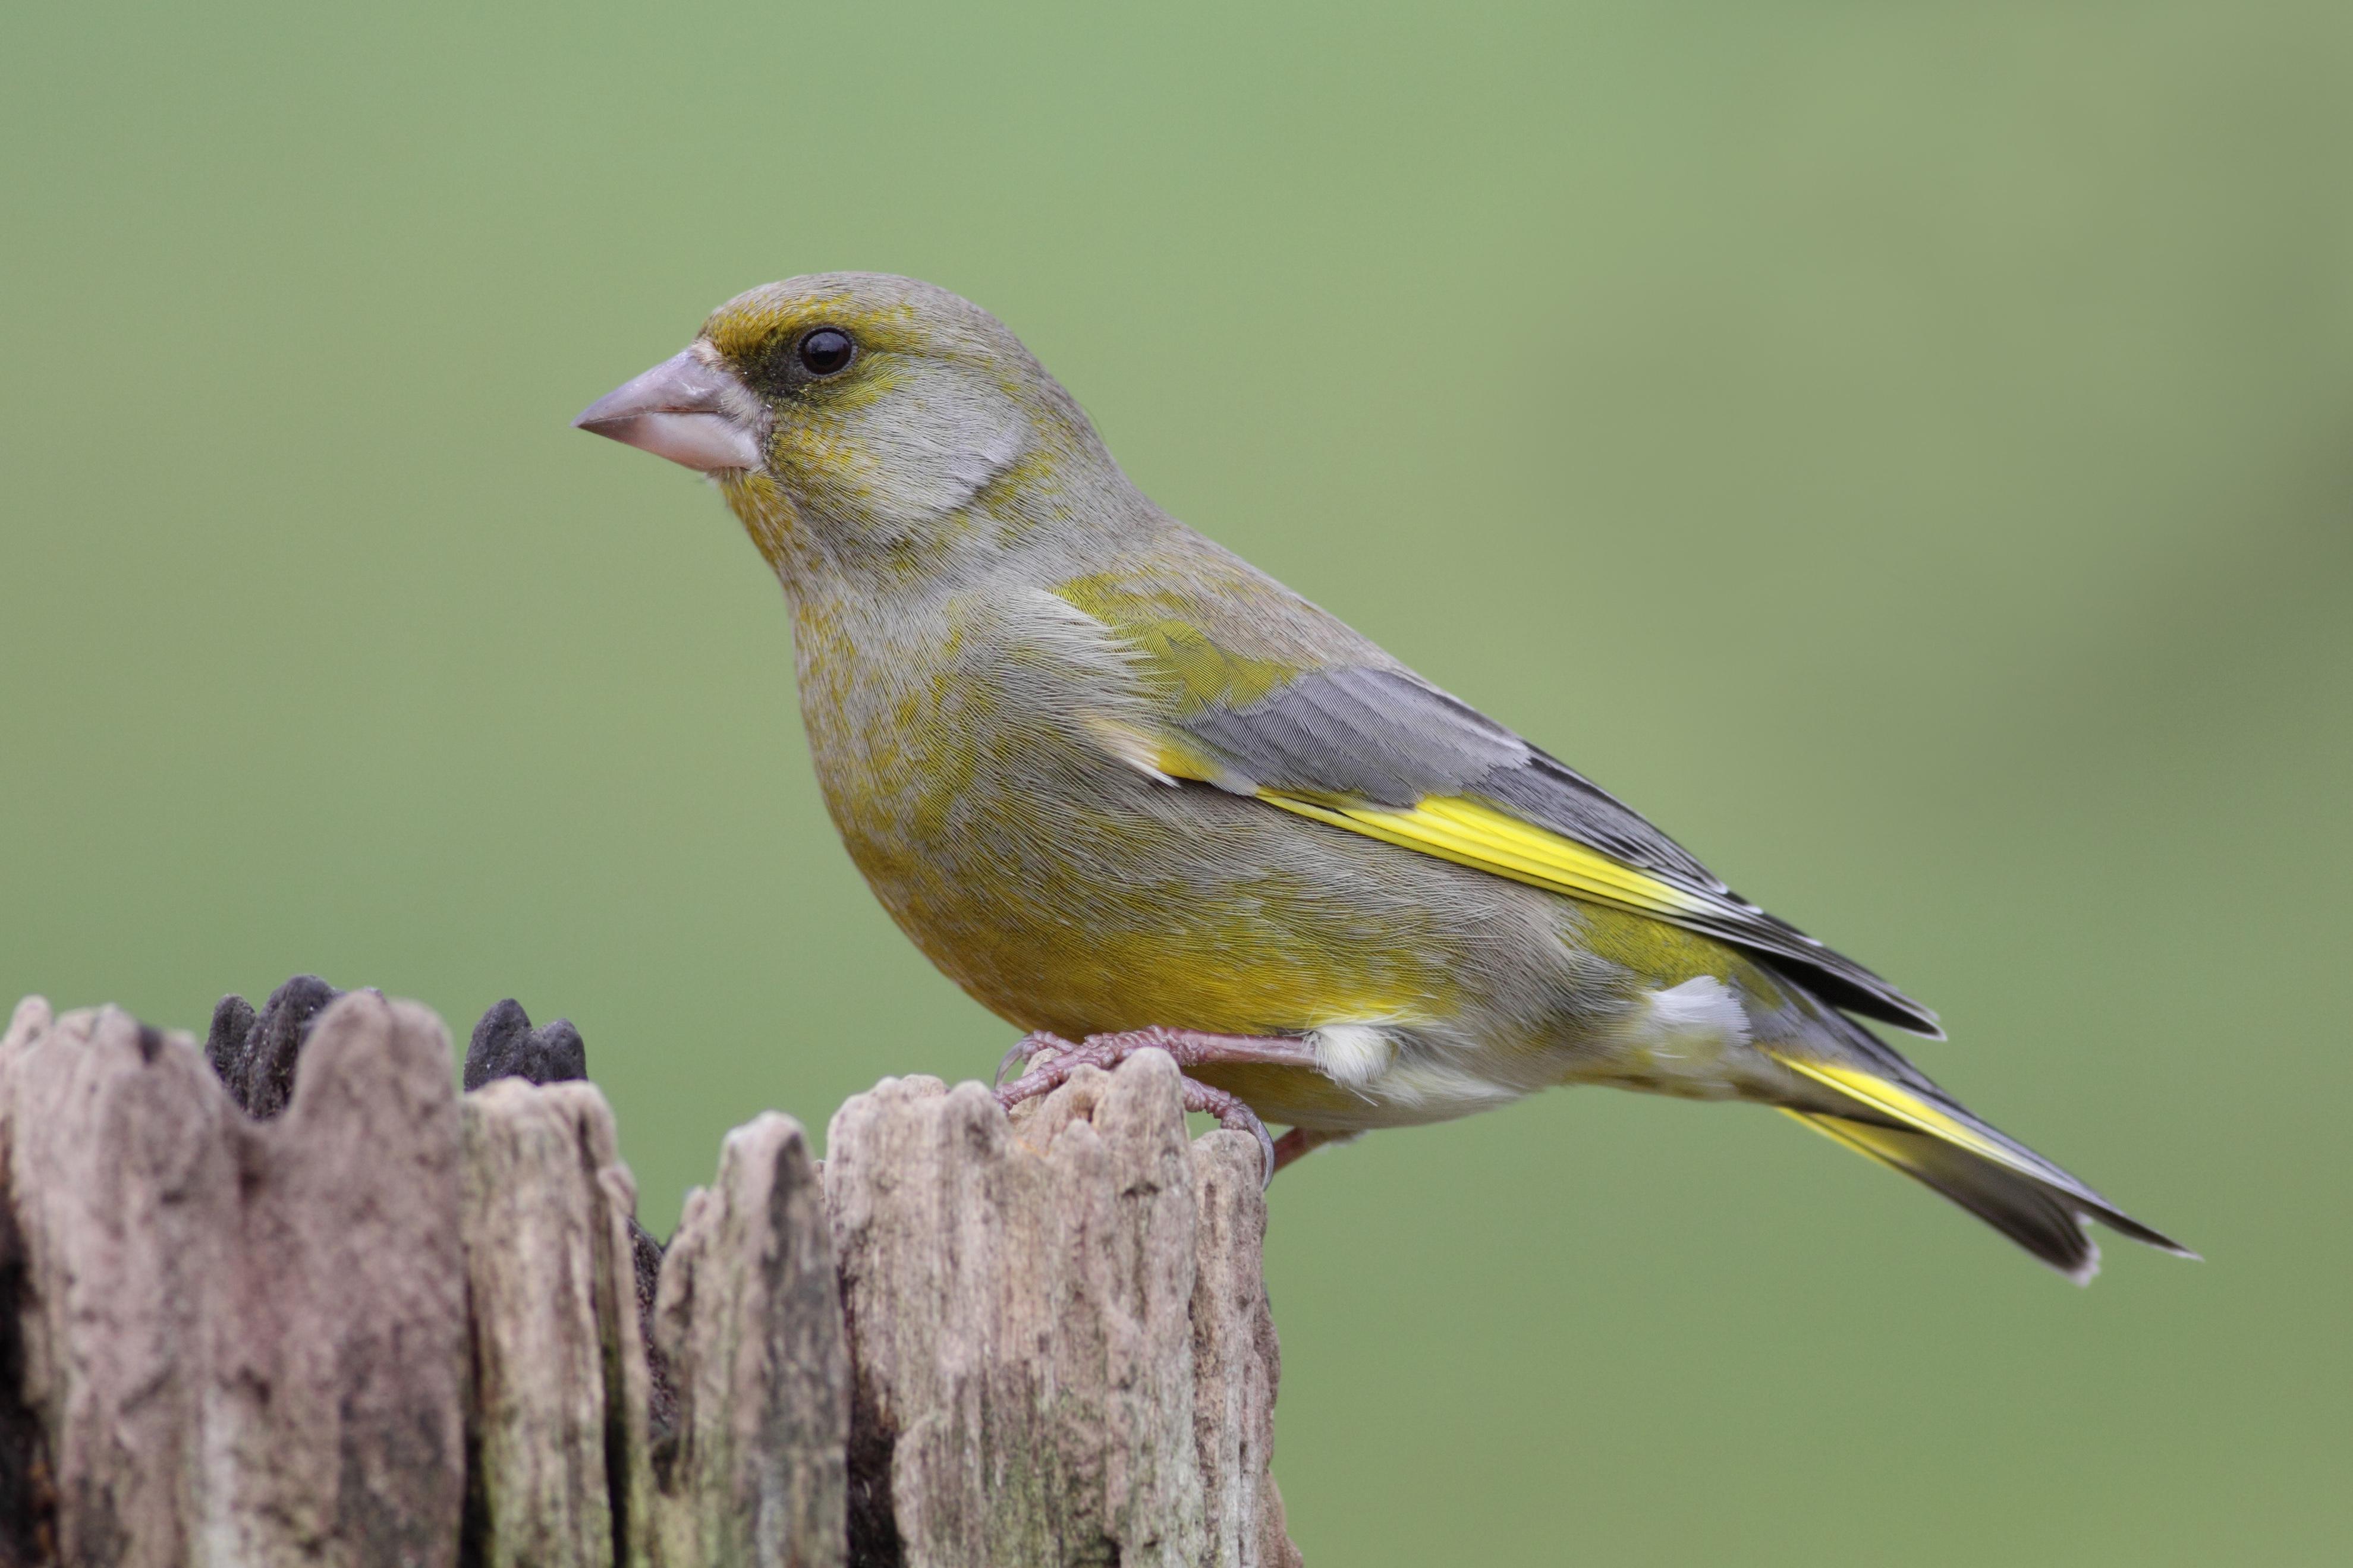 De groenling is een dikke, forse zaadeter met een stierennek. Met zijn krachtige snavel kan de vogel gemakkelijk harde zaden kraken.